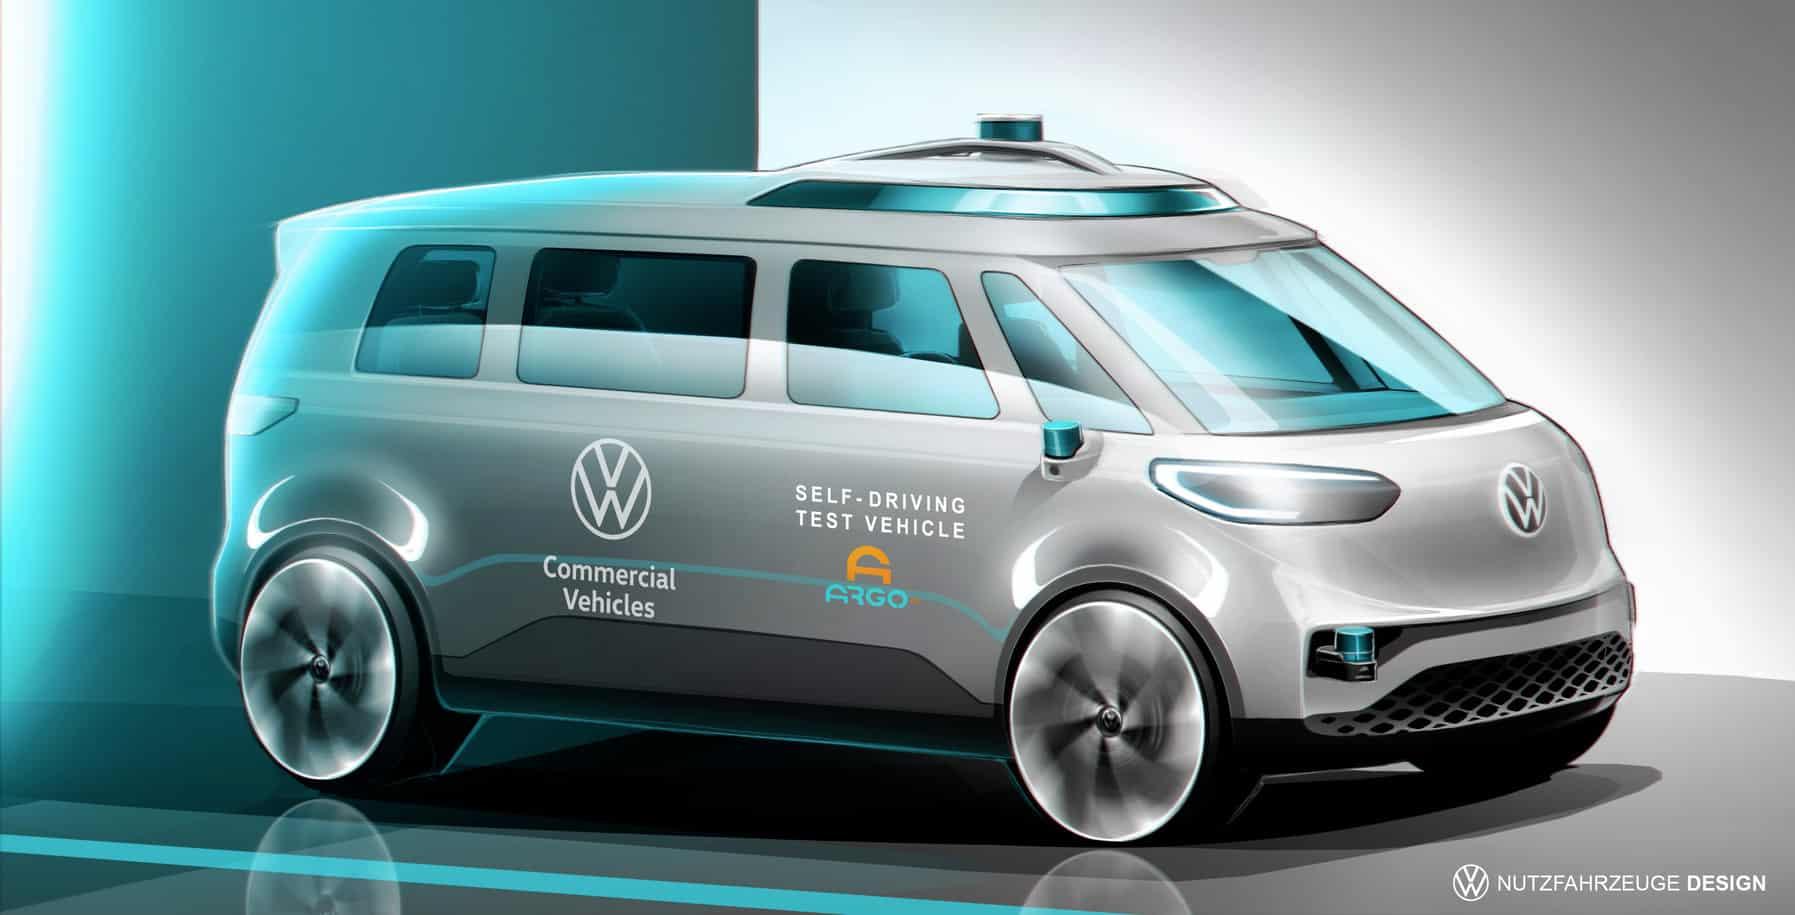 Volkswagen Vehículos Comerciales avanza en el desarrollo de conducción autónoma